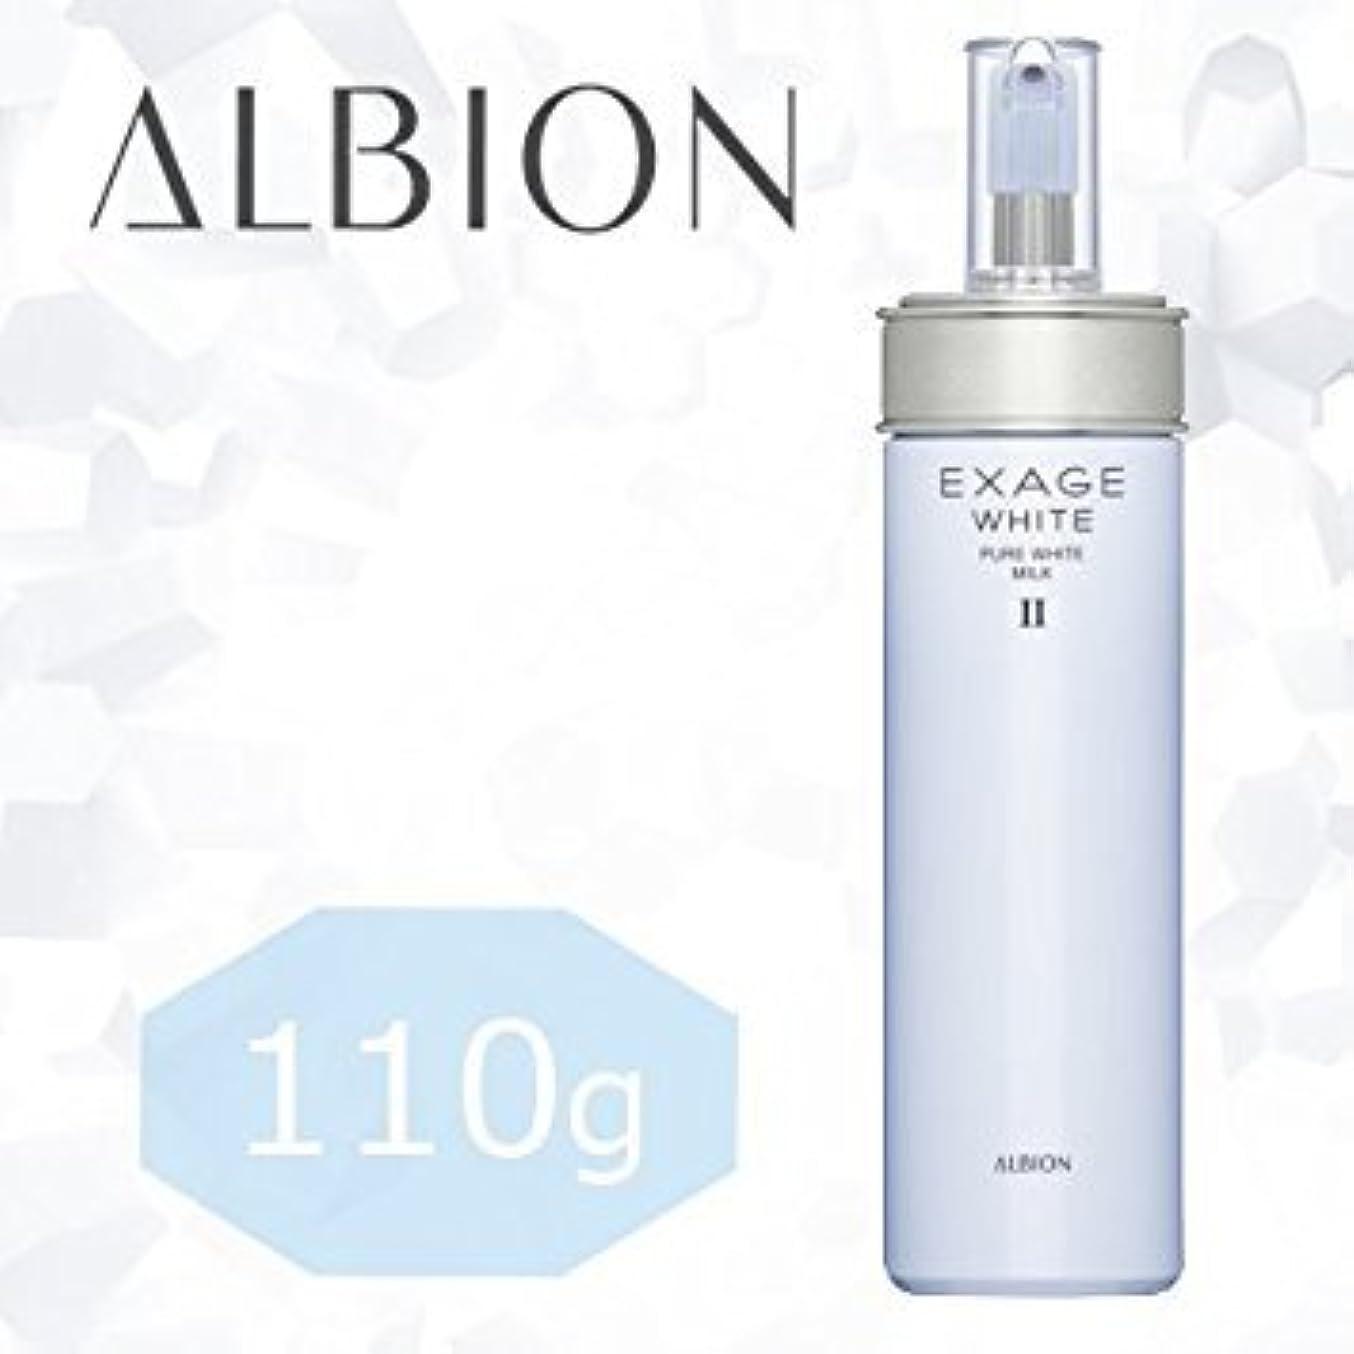 なのでビーチ考えアルビオン エクサージュ ホワイト ピュアホワイト ミルク Ⅲ 110g